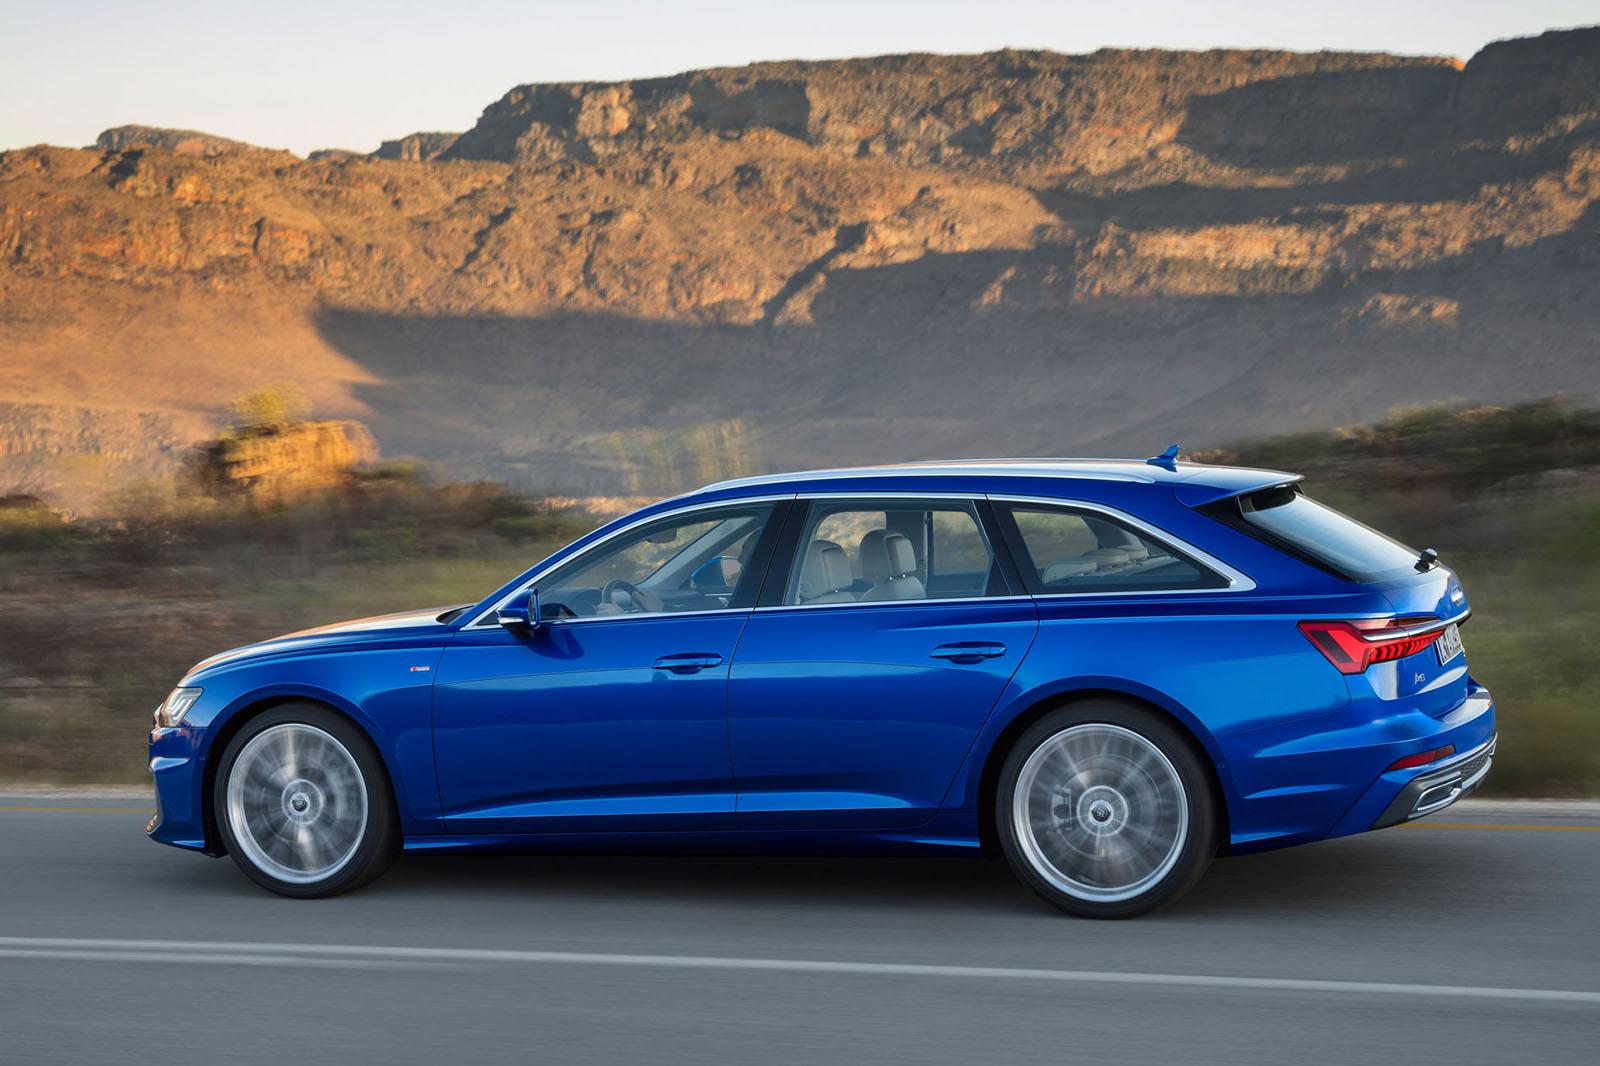 Audi A6 Avant дизайнер Хельмут Юнг на «более выразительной» новой машине